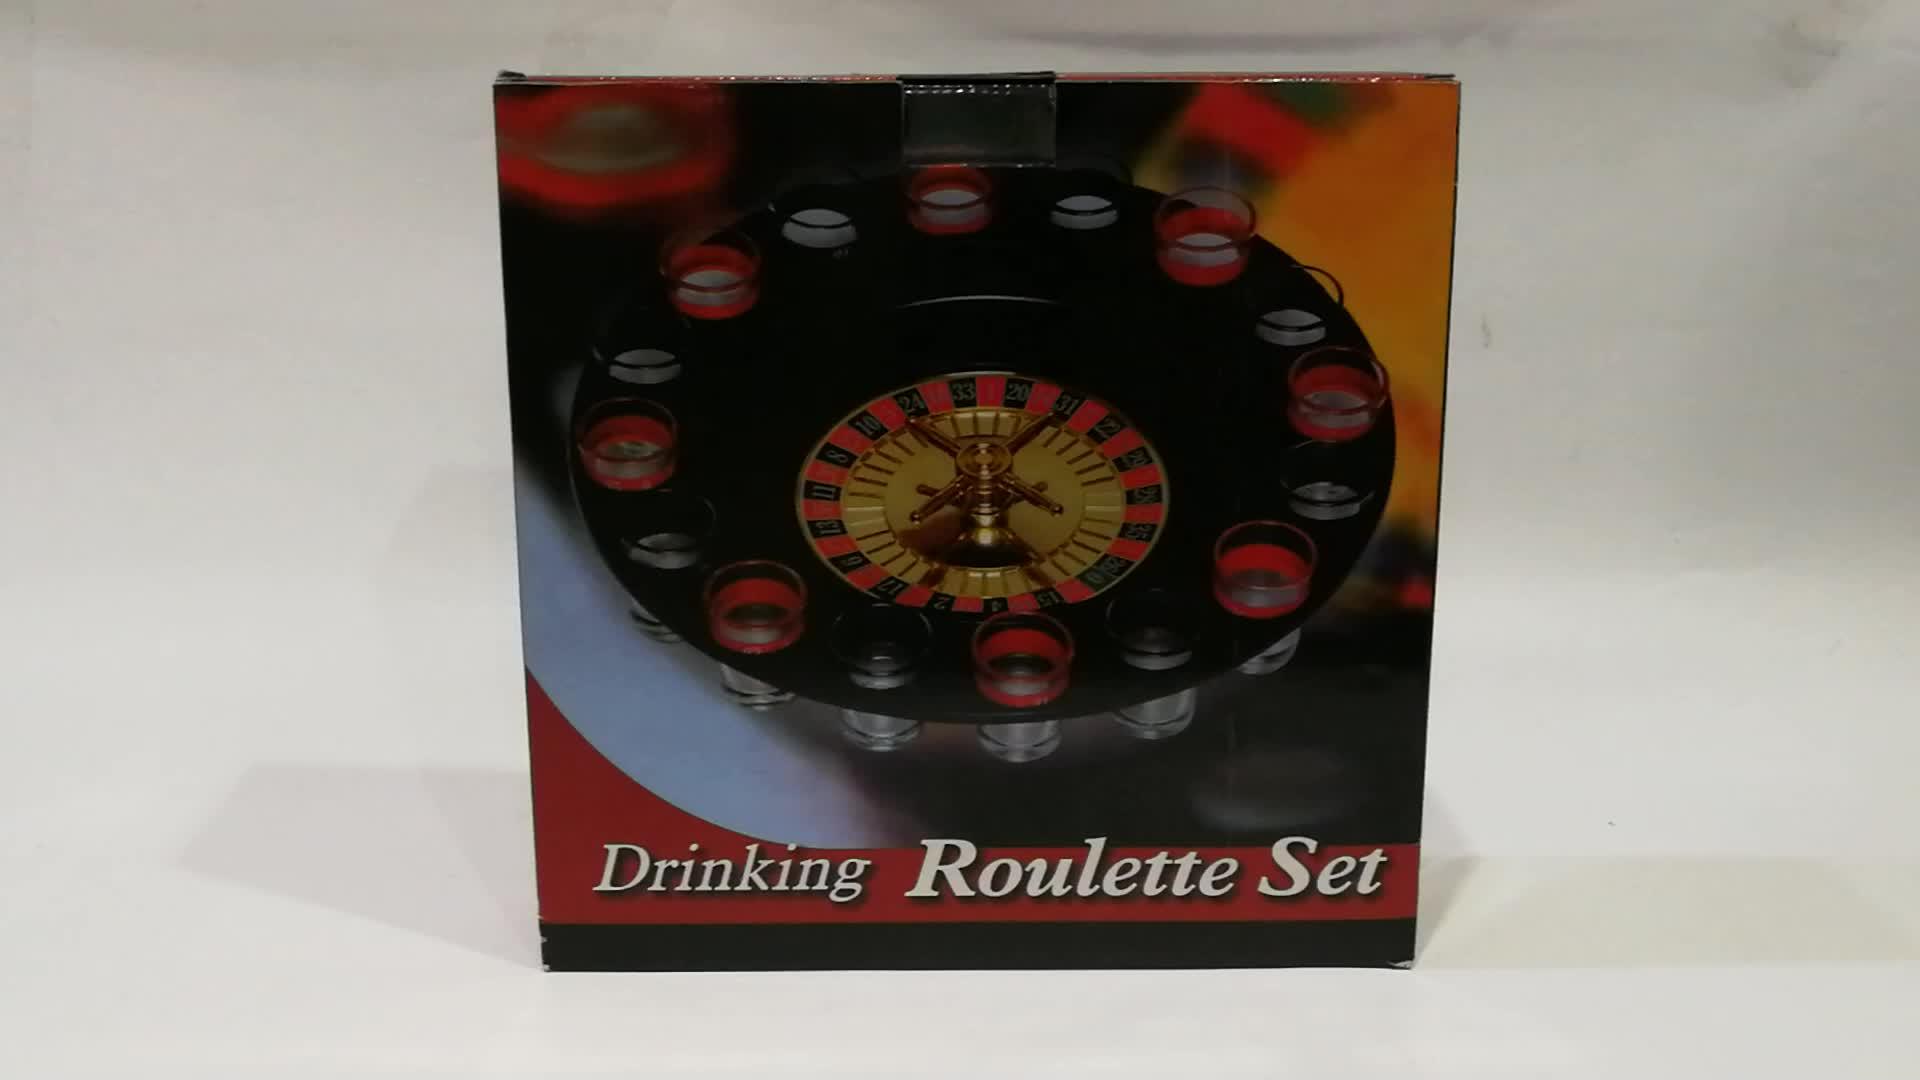 Casino 16 Shot Glas Deluxe Roulette & Poker Chips Drinken Casino Roulette Wiel Casino Spel Set